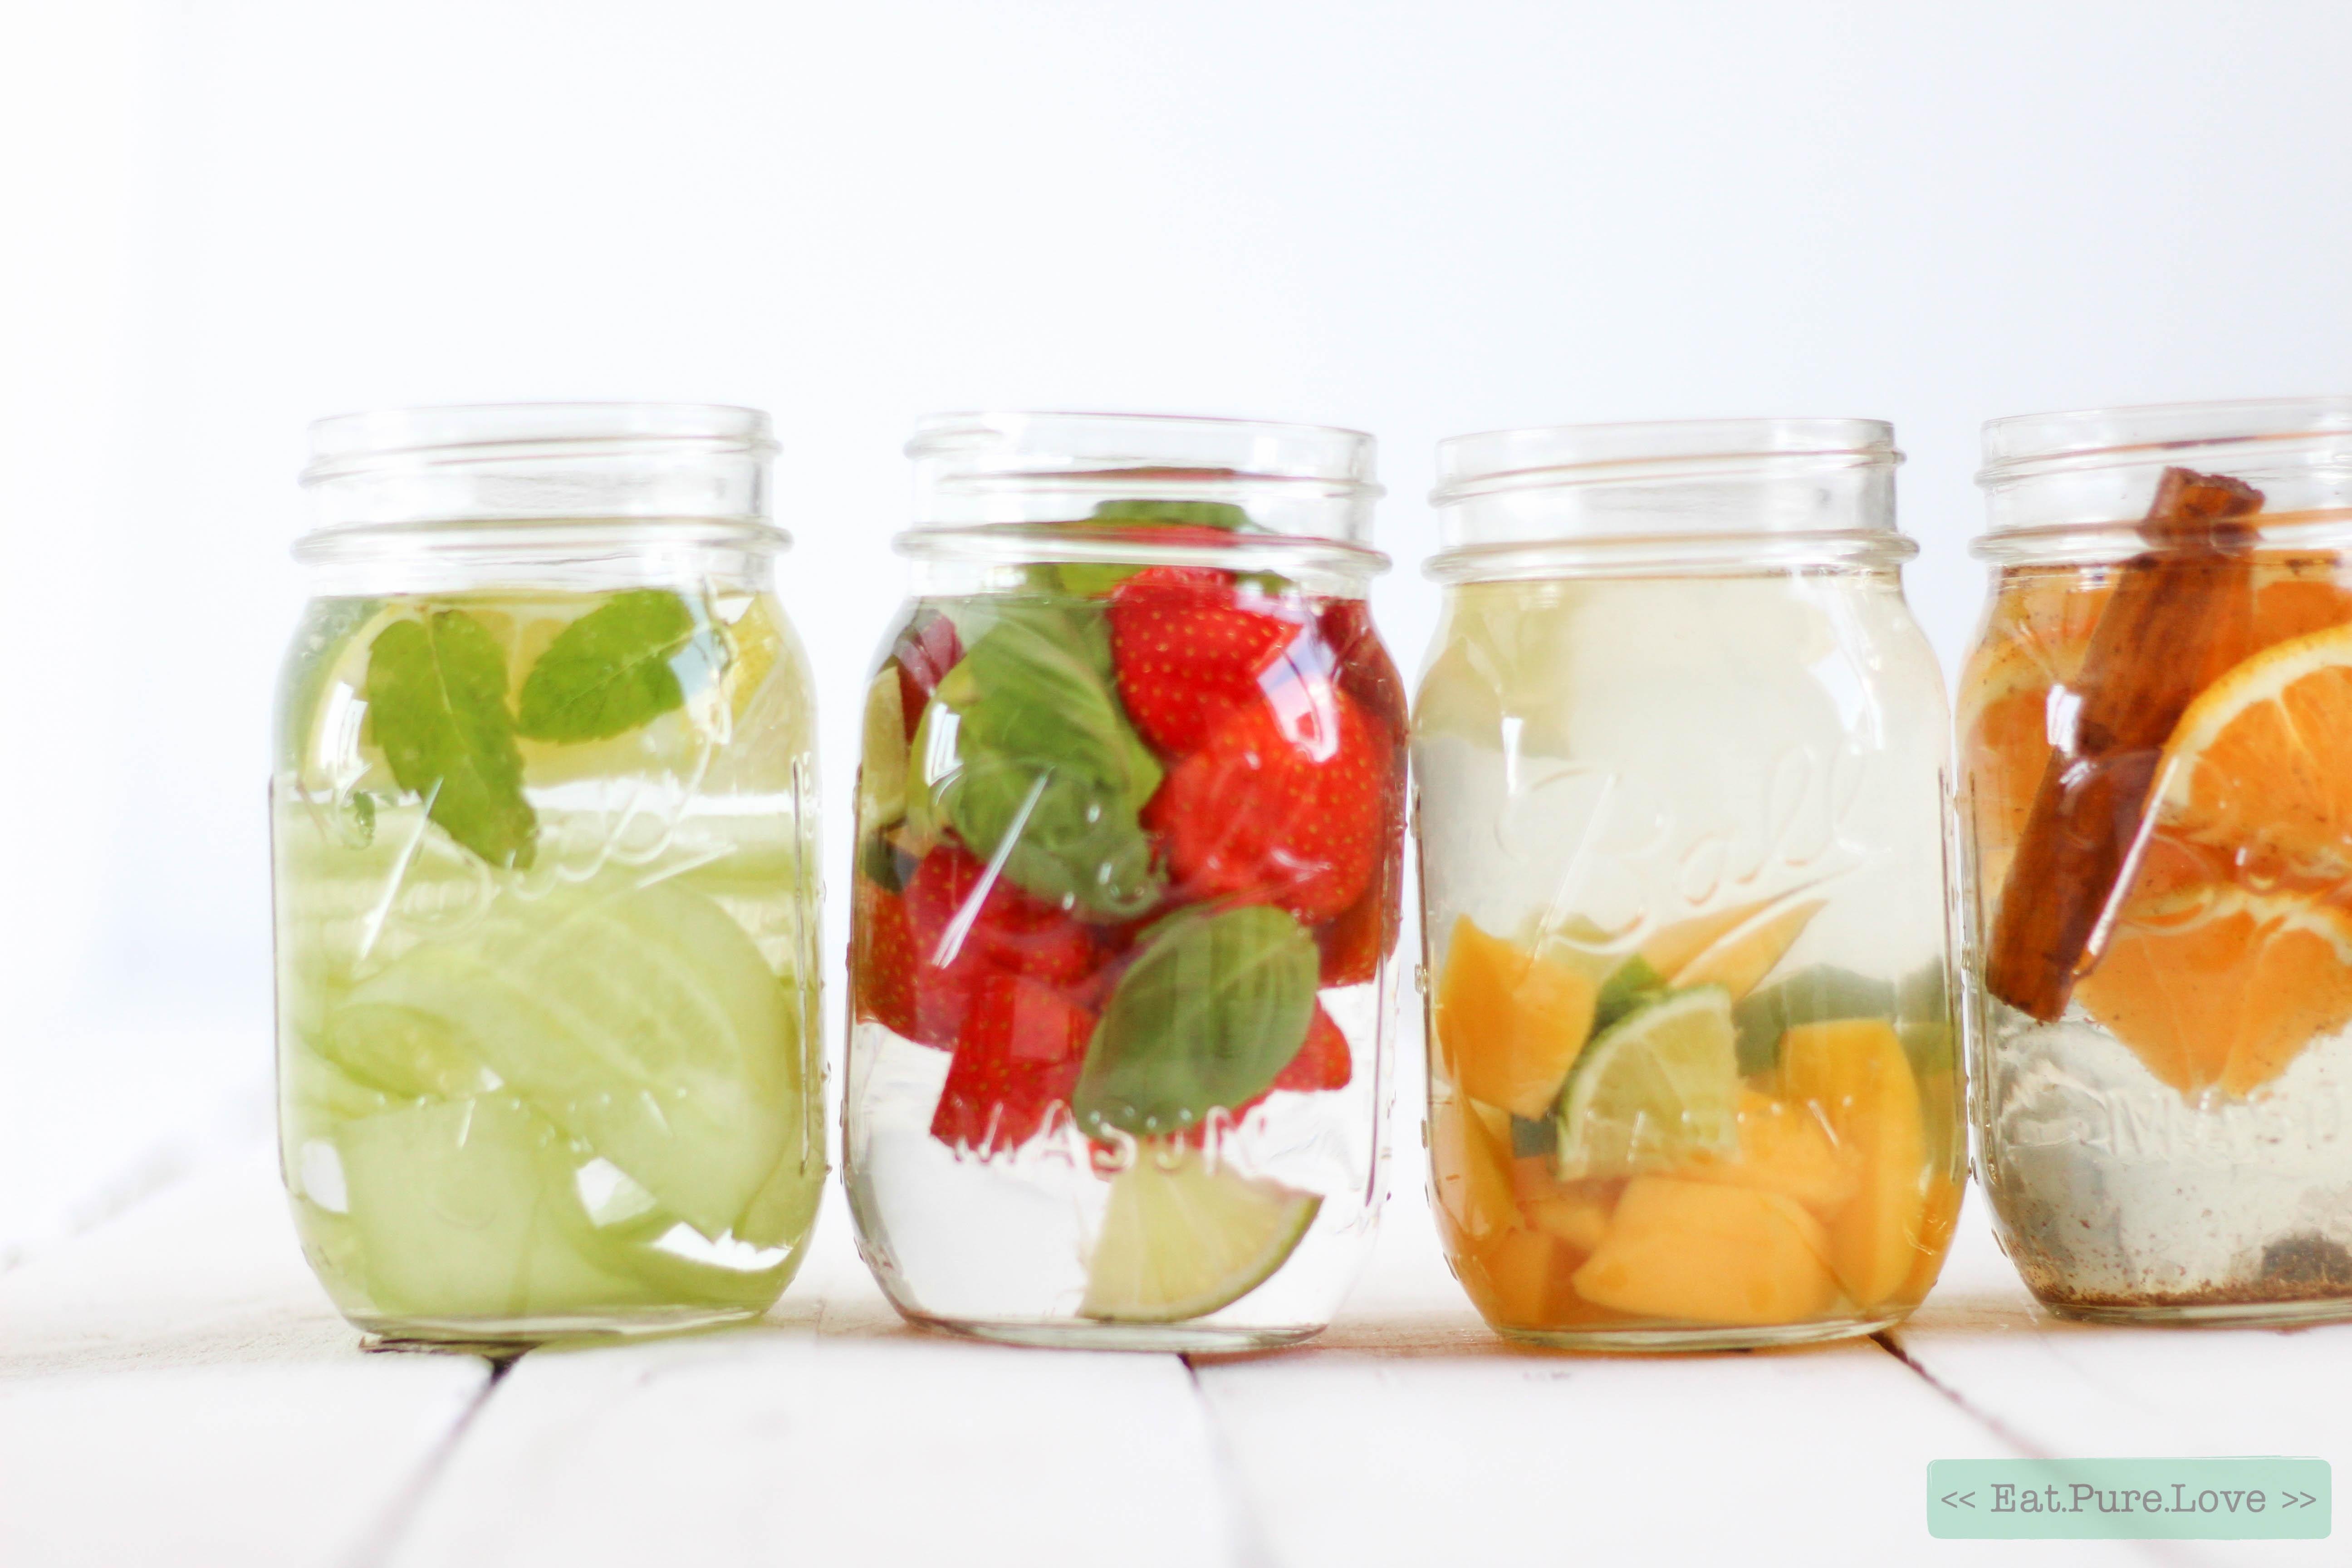 Infused water - DIY lemonade